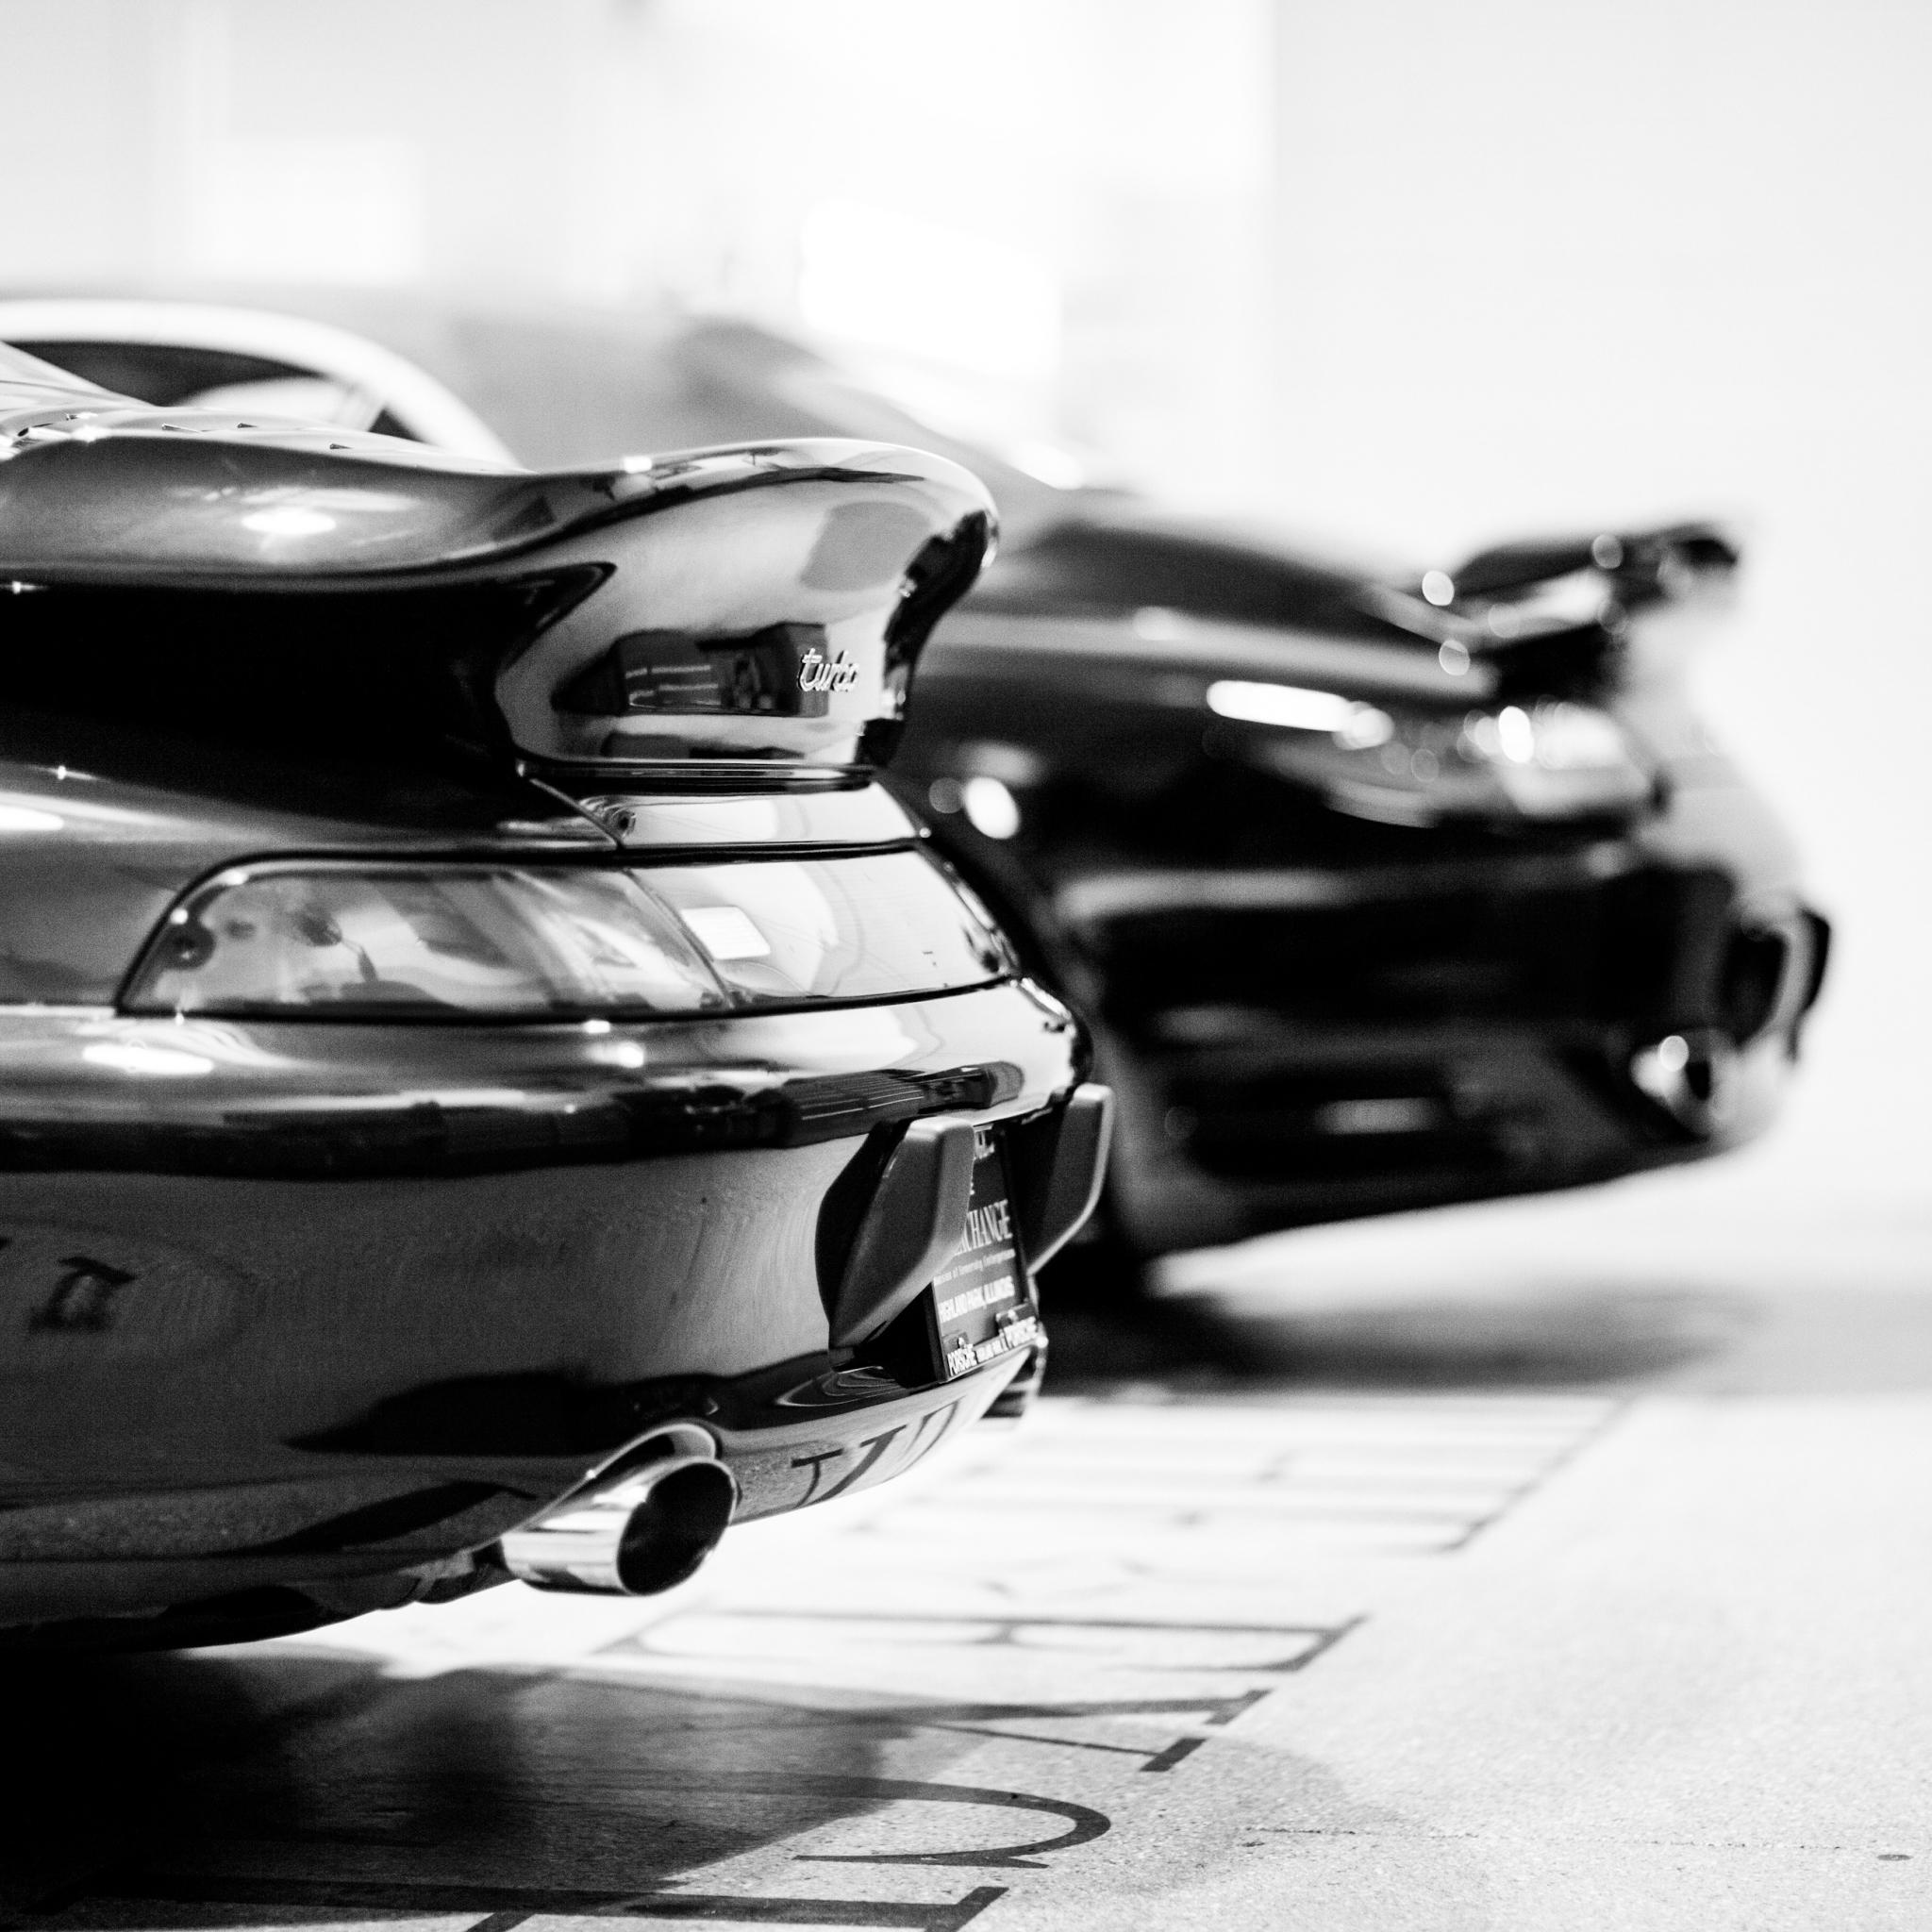 Porsche-Turbo-3Wallpapers-iPad